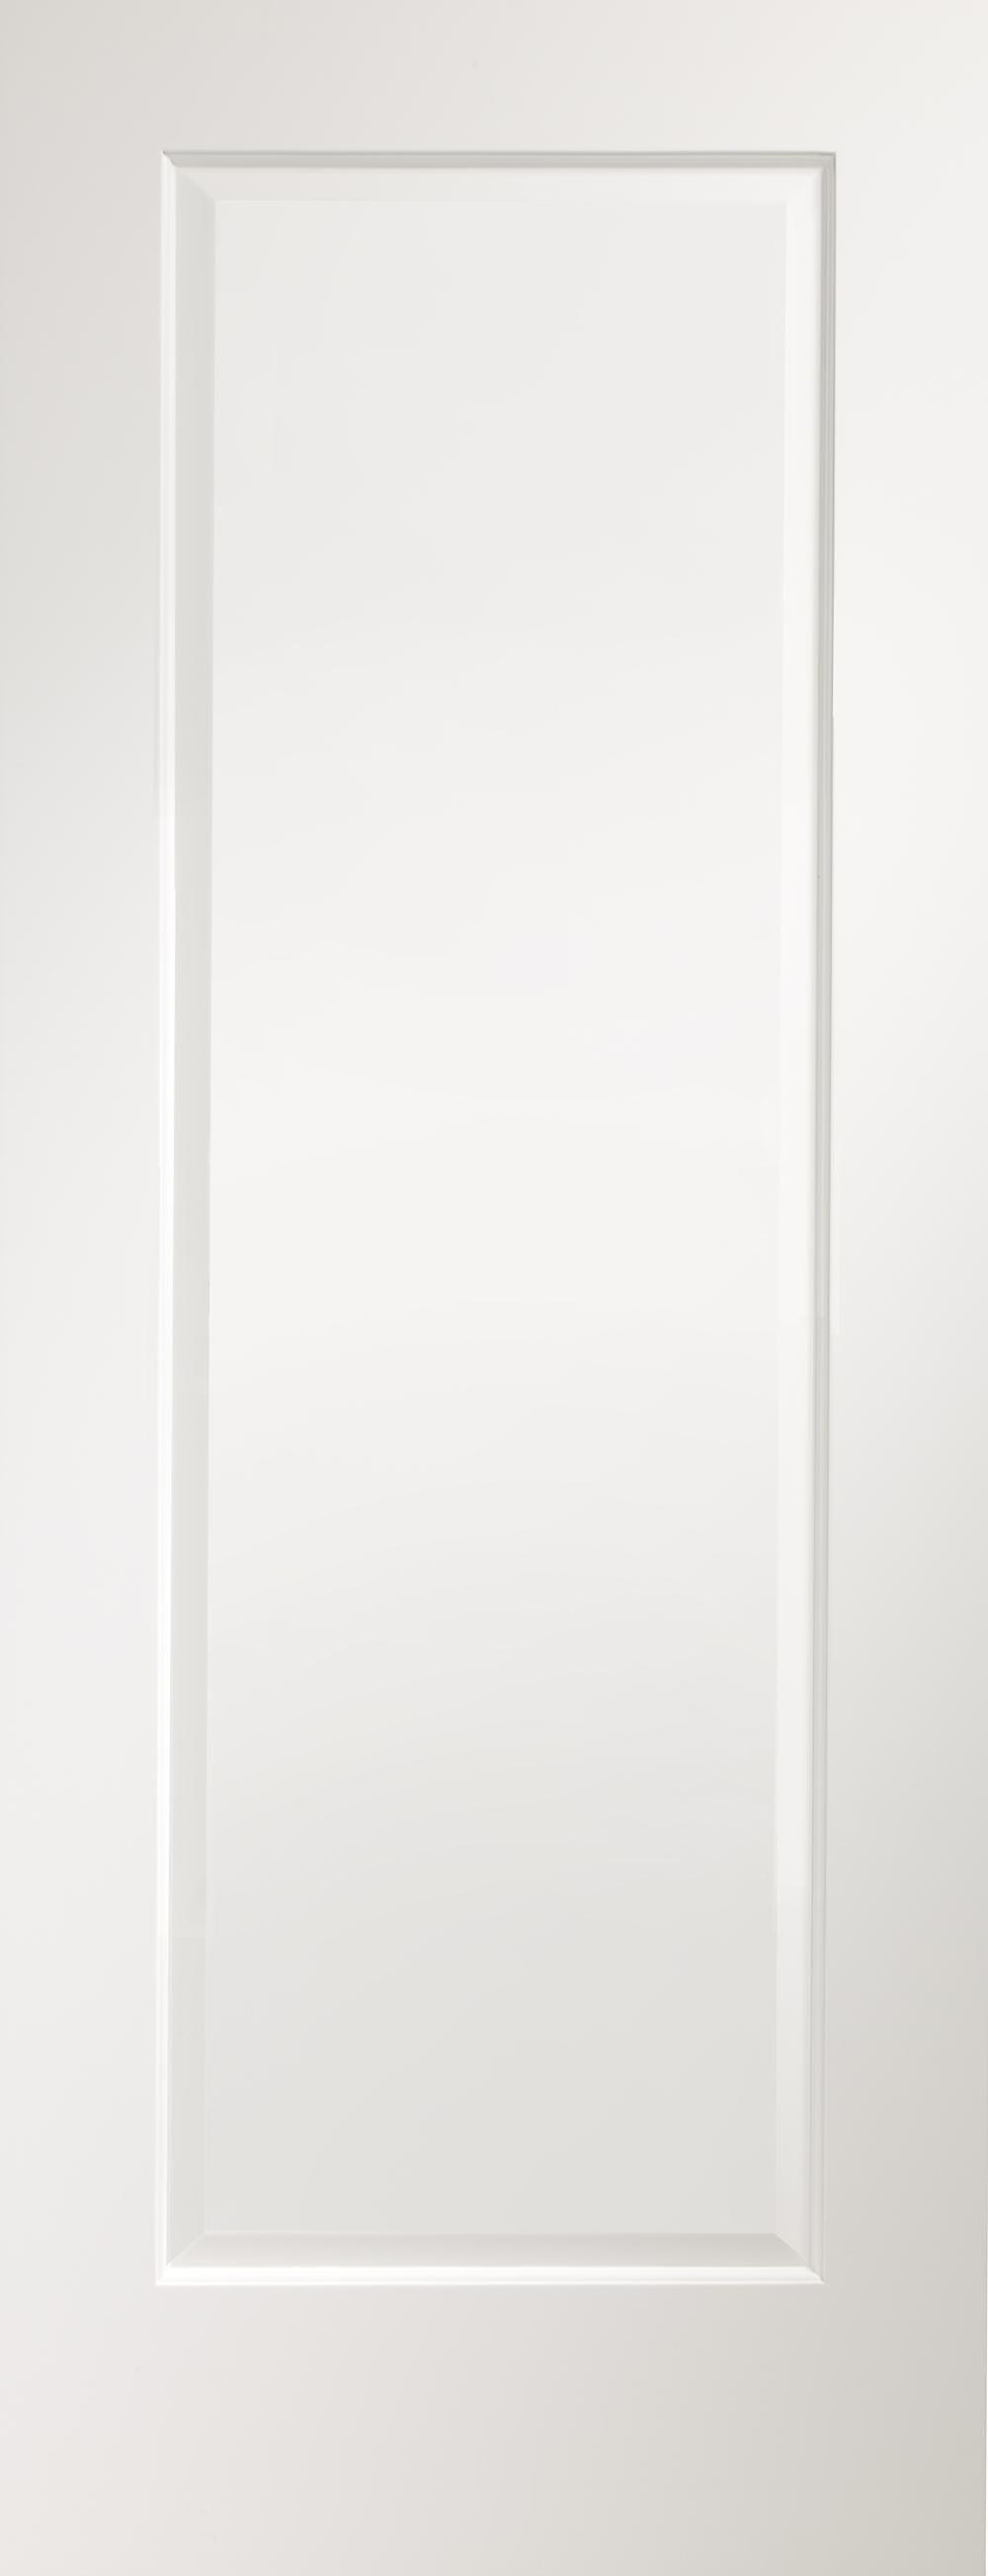 Cesena White - Prefinished  Image